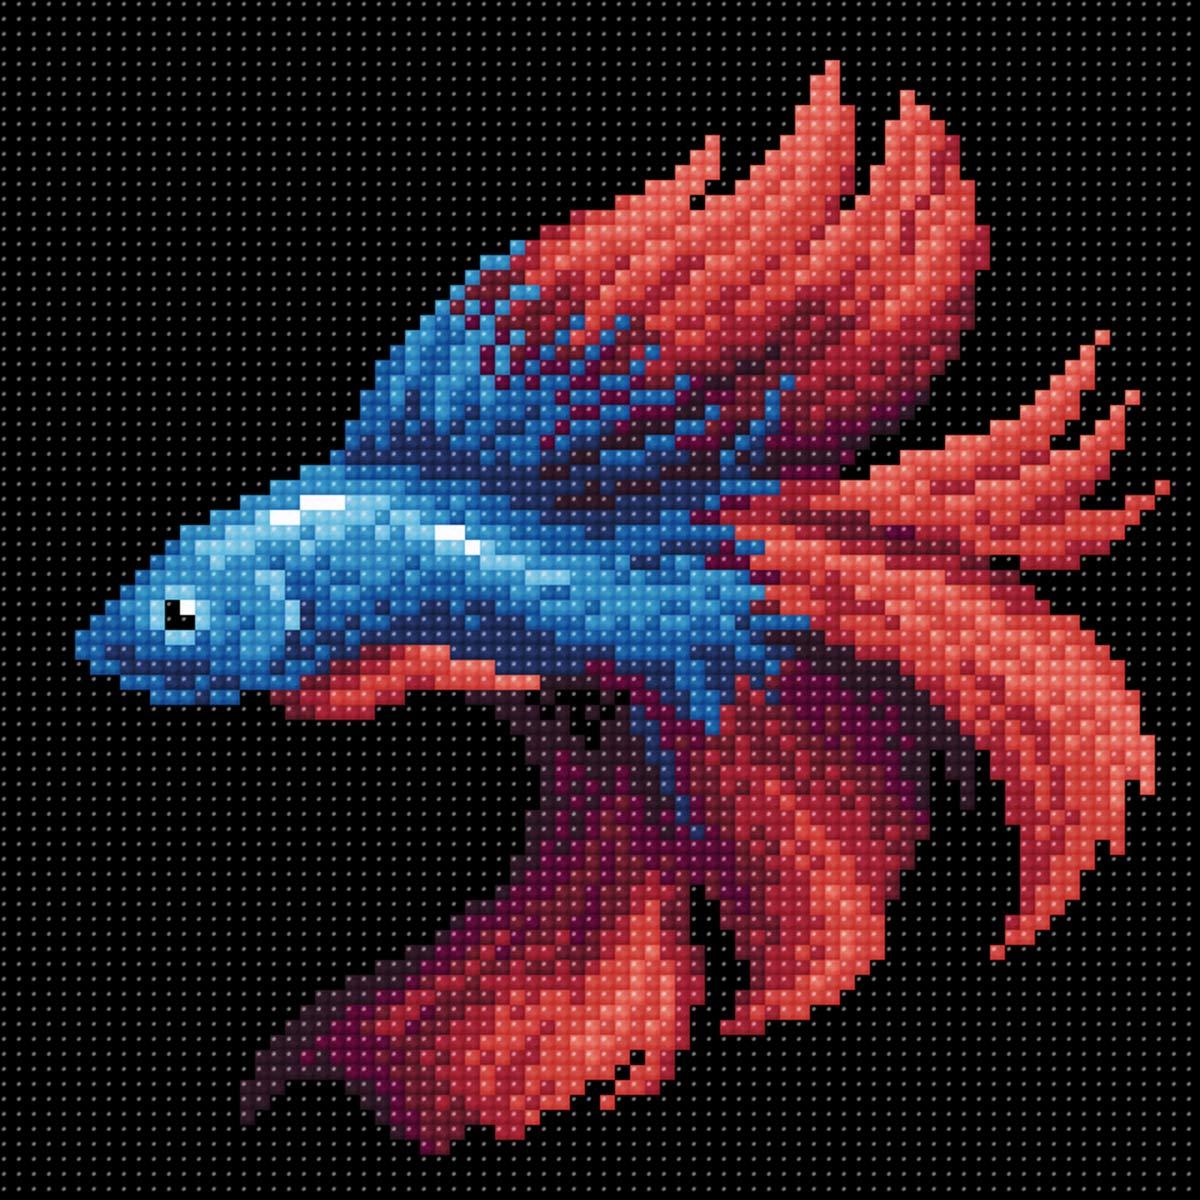 МС 057 Алмазная мозаика 'Рыбка красная'20*20см Brilliart